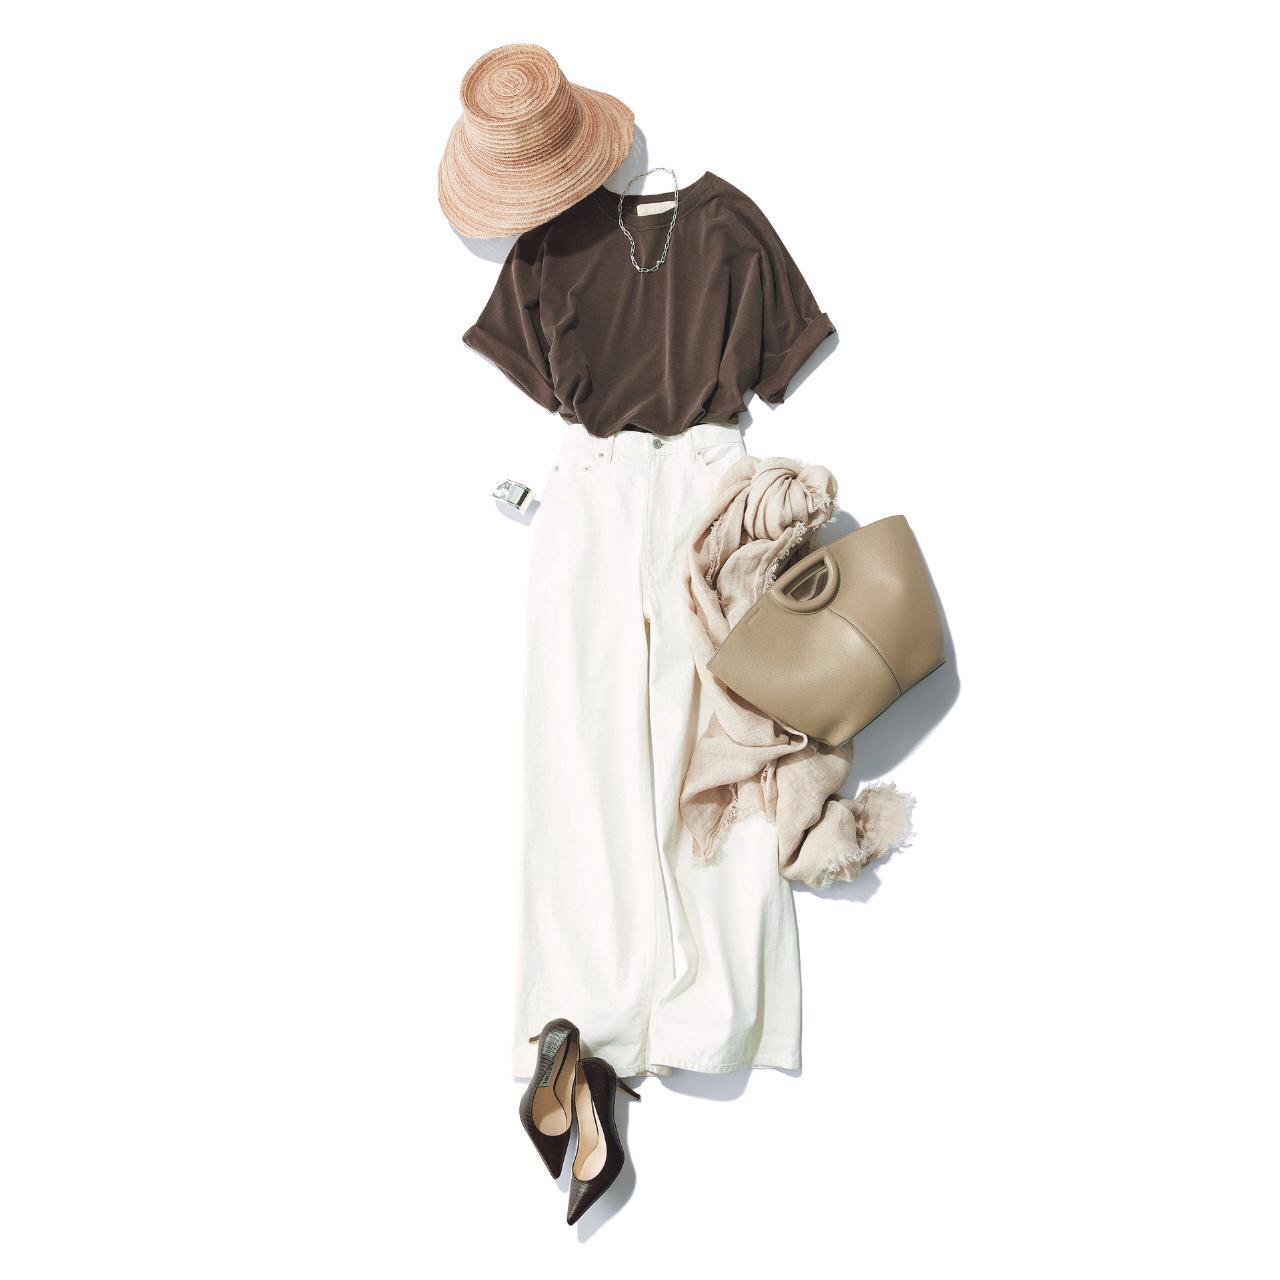 「ストール」でアラフォーの夏コーデをブラッシュアップ! 冷房対策にもおしゃれにも効くストールの取り入れ方 |40代ファッション_1_2